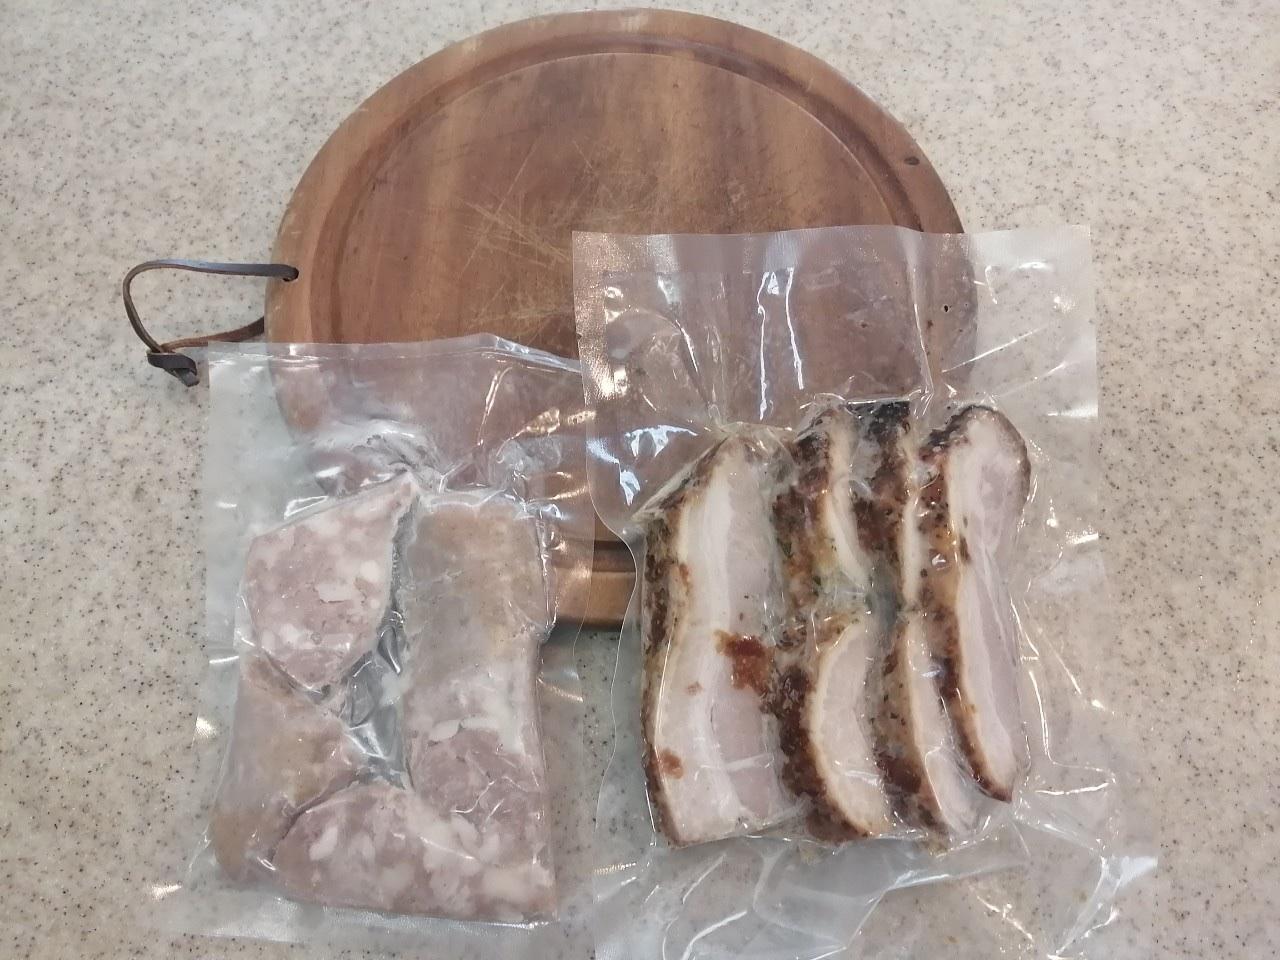 豚バラ200ℊ&リングイッサ(ソーセージ)200g梱包例